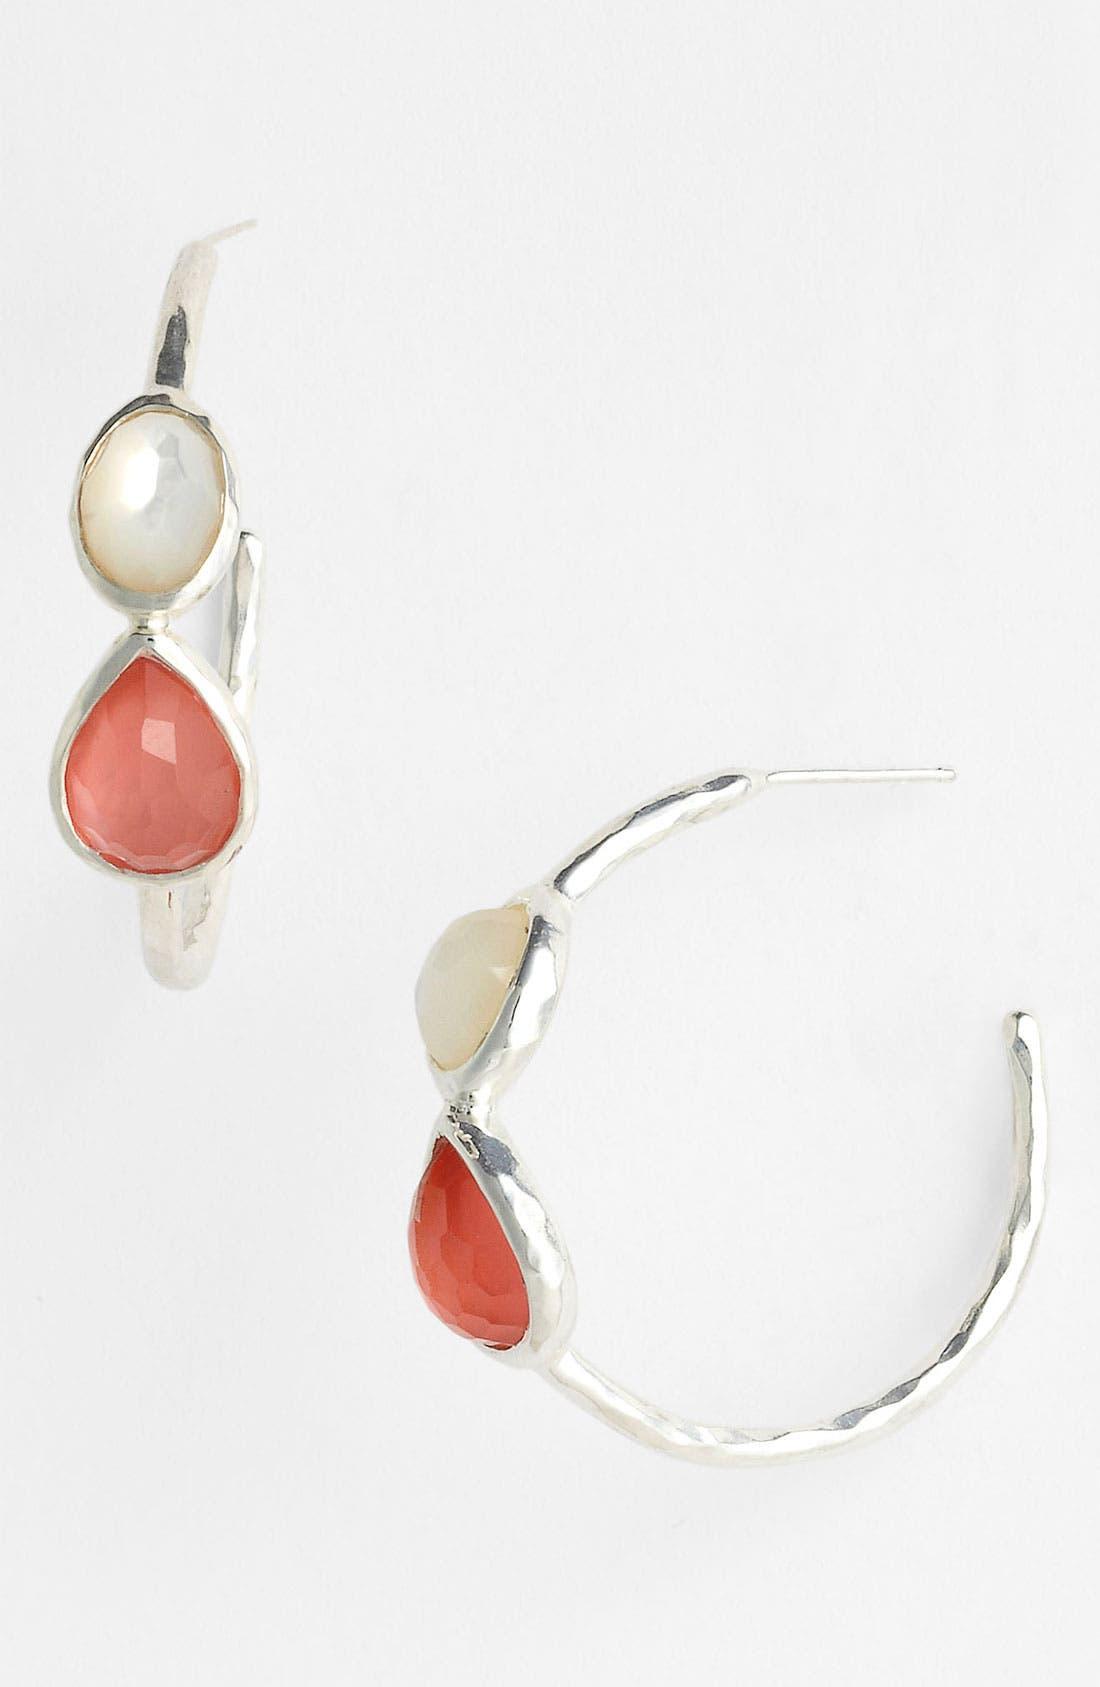 Alternate Image 1 Selected - Ippolita 'Wonderland - Gelato' Two-Stone Small Hoop Earrings (Nordstrom Exclusive)